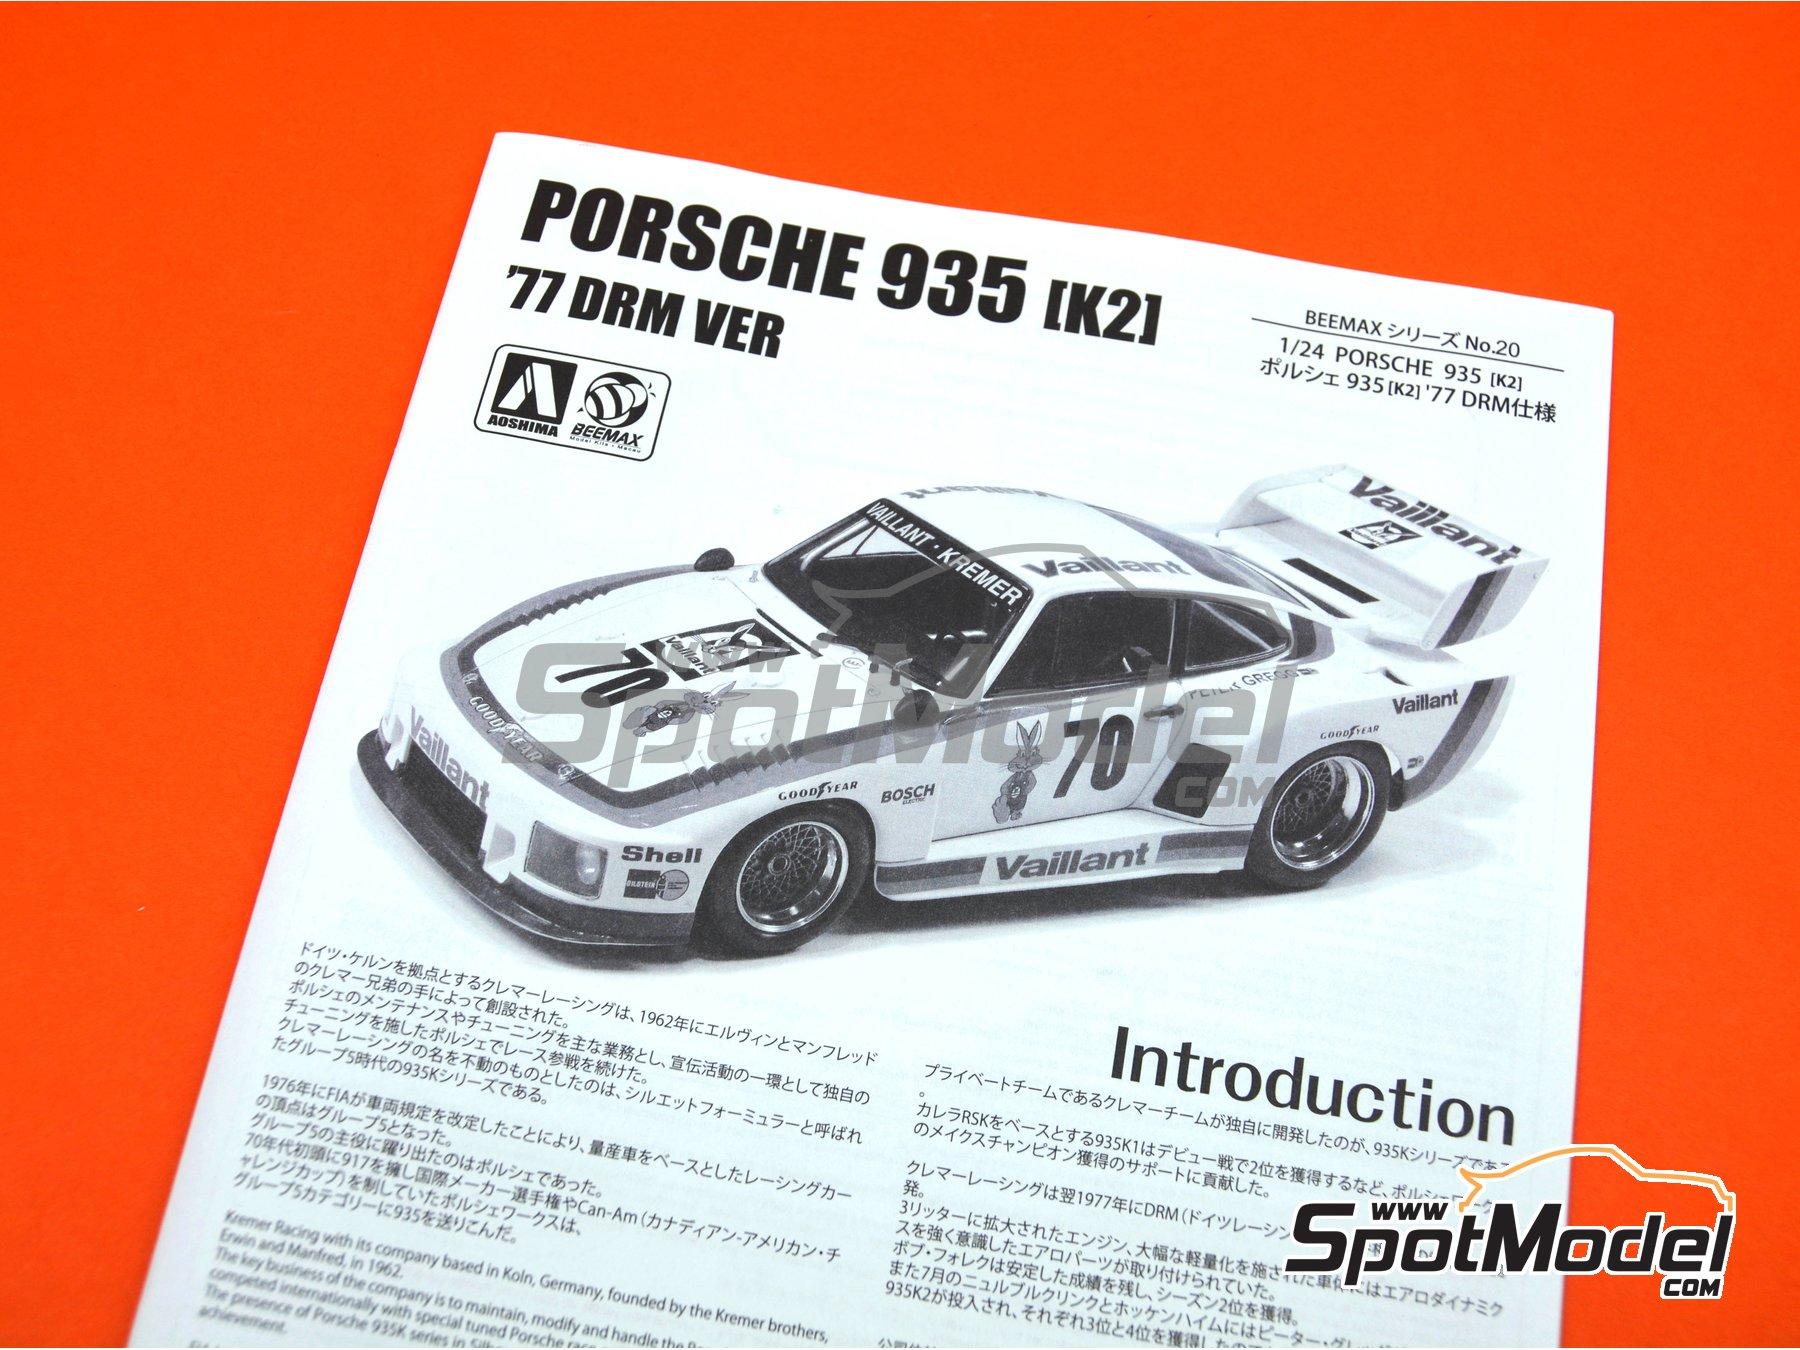 Image 25: Porsche 935 K2 Kremer Vaillant - Campeonato Alemán de Automovilismo - Deutsche Rennsport Meisterschaft DRM 1977 | Maqueta de coche en escala1/24 fabricado por Beemax Model Kits (ref.B24015, tambien 105108, aos10510 y 4905083105108)